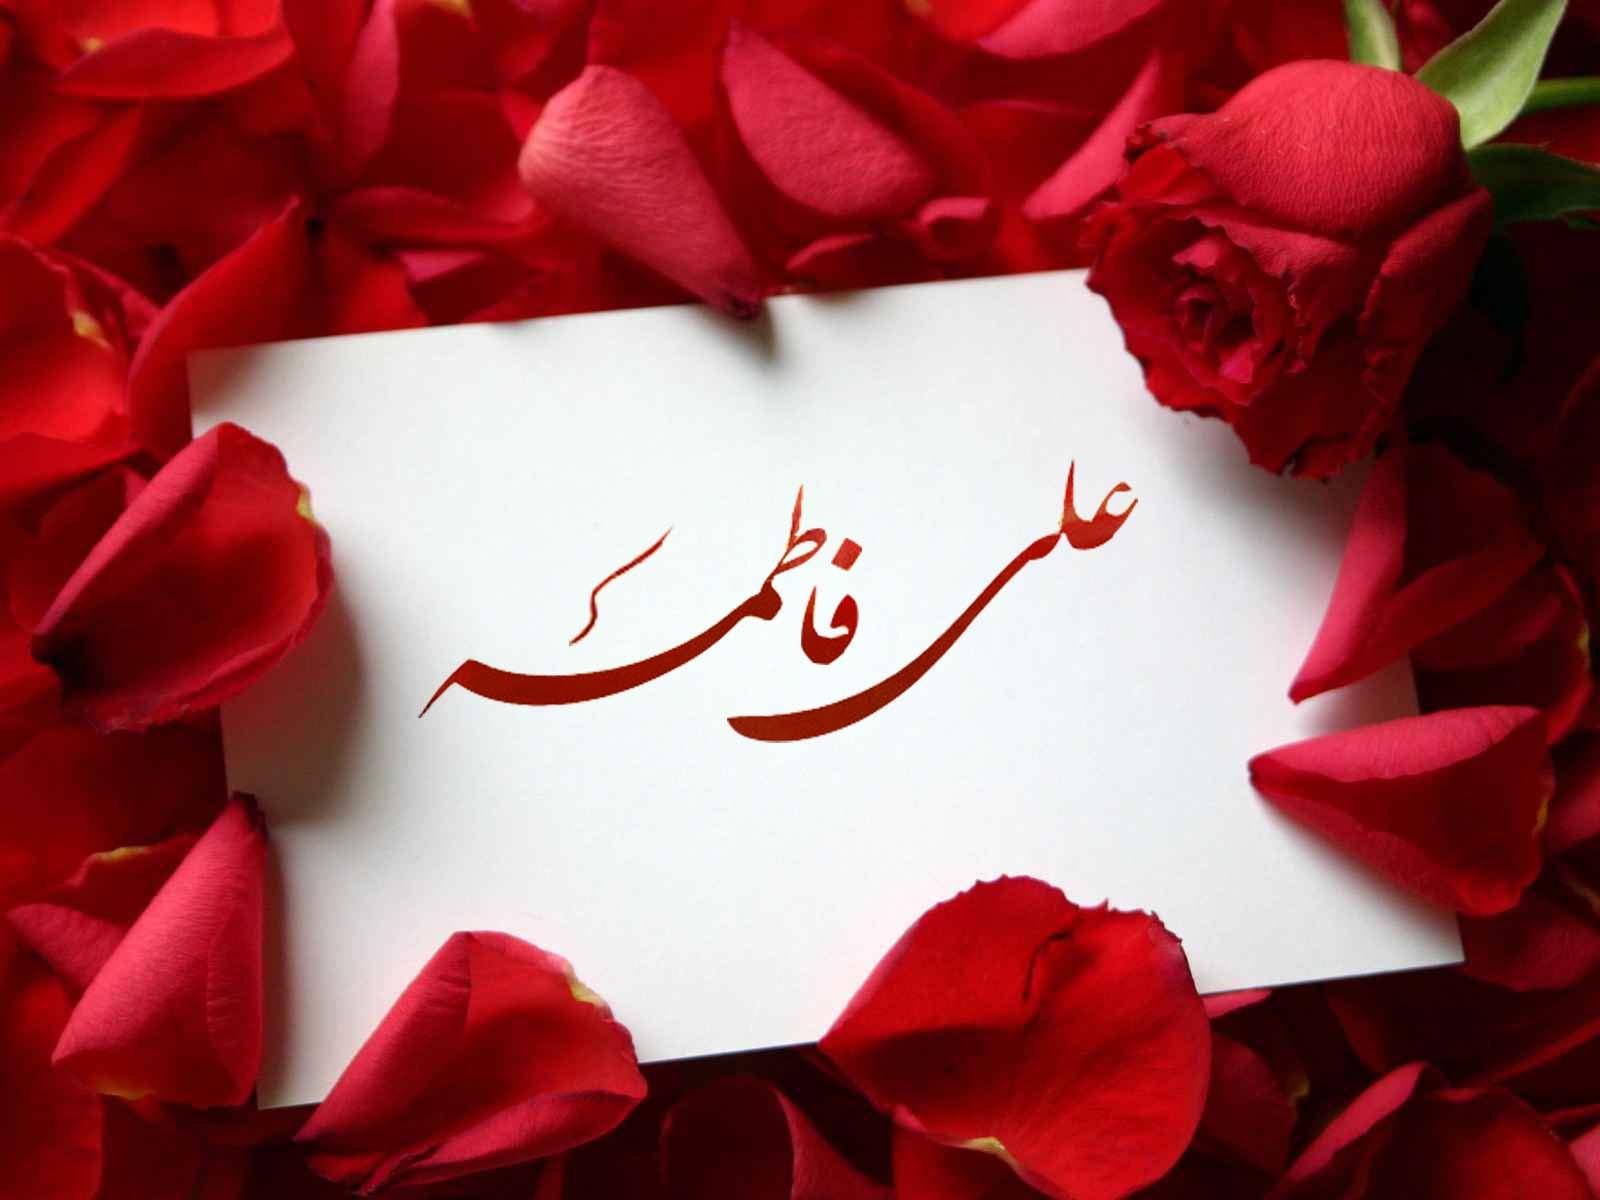 متن تبریک سالگرد ازدواج حضرت علی و فاطمه (ع) 13 شهریور 95 | پیامک جدید